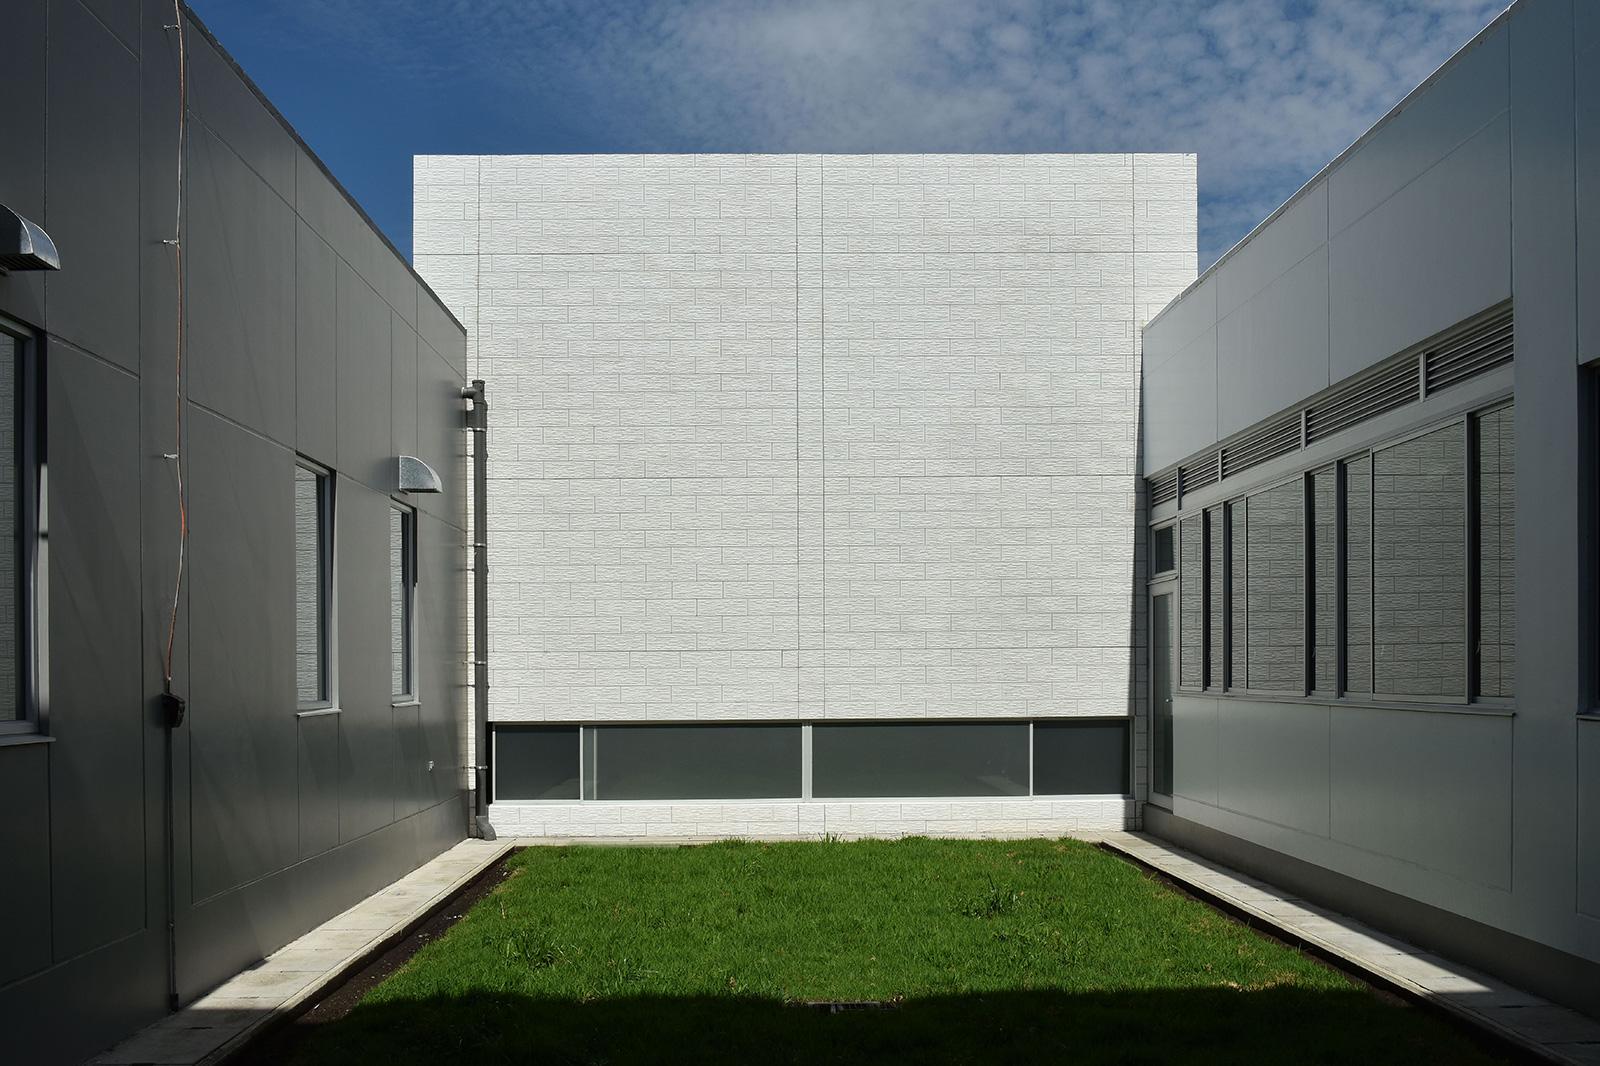 サンタロサ保健センター